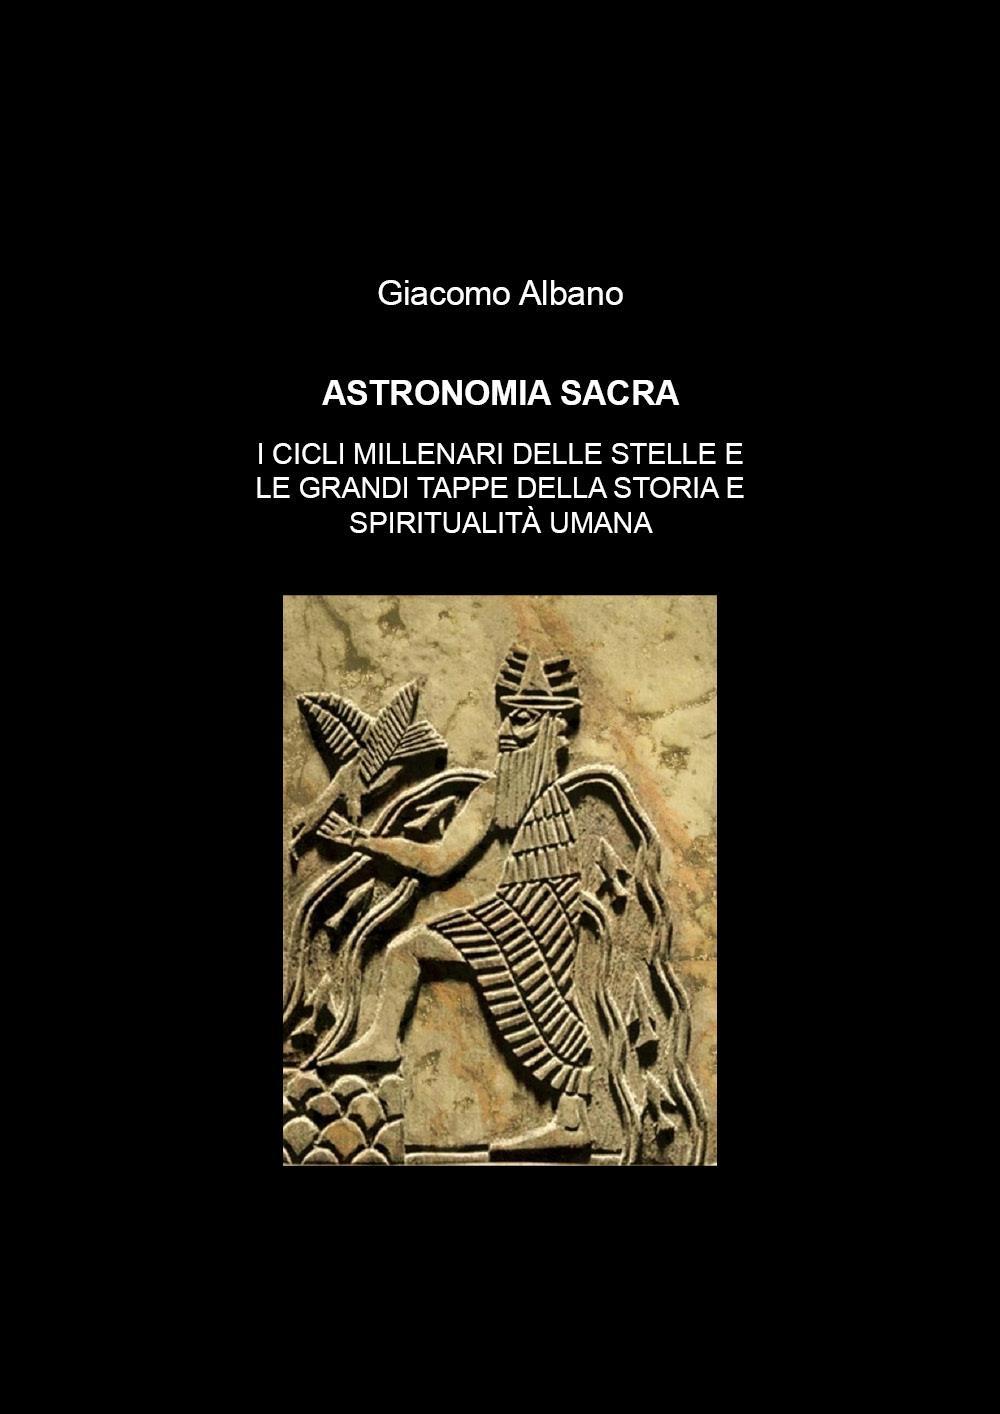 Astronomia sacra. I cicli millenari delle stelle e le grandi tappe della storia e della spiritualità umana